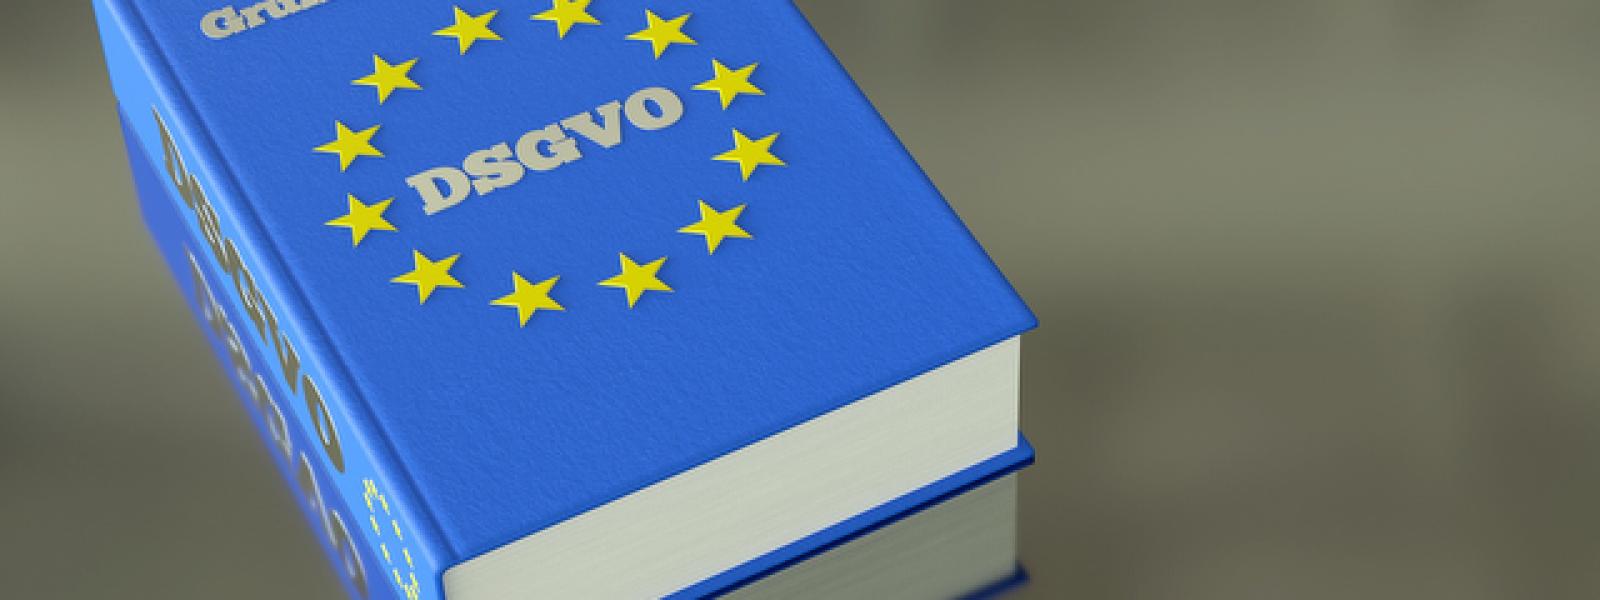 Berichtigung der DSGVO im Amtsblatt veröffentlicht